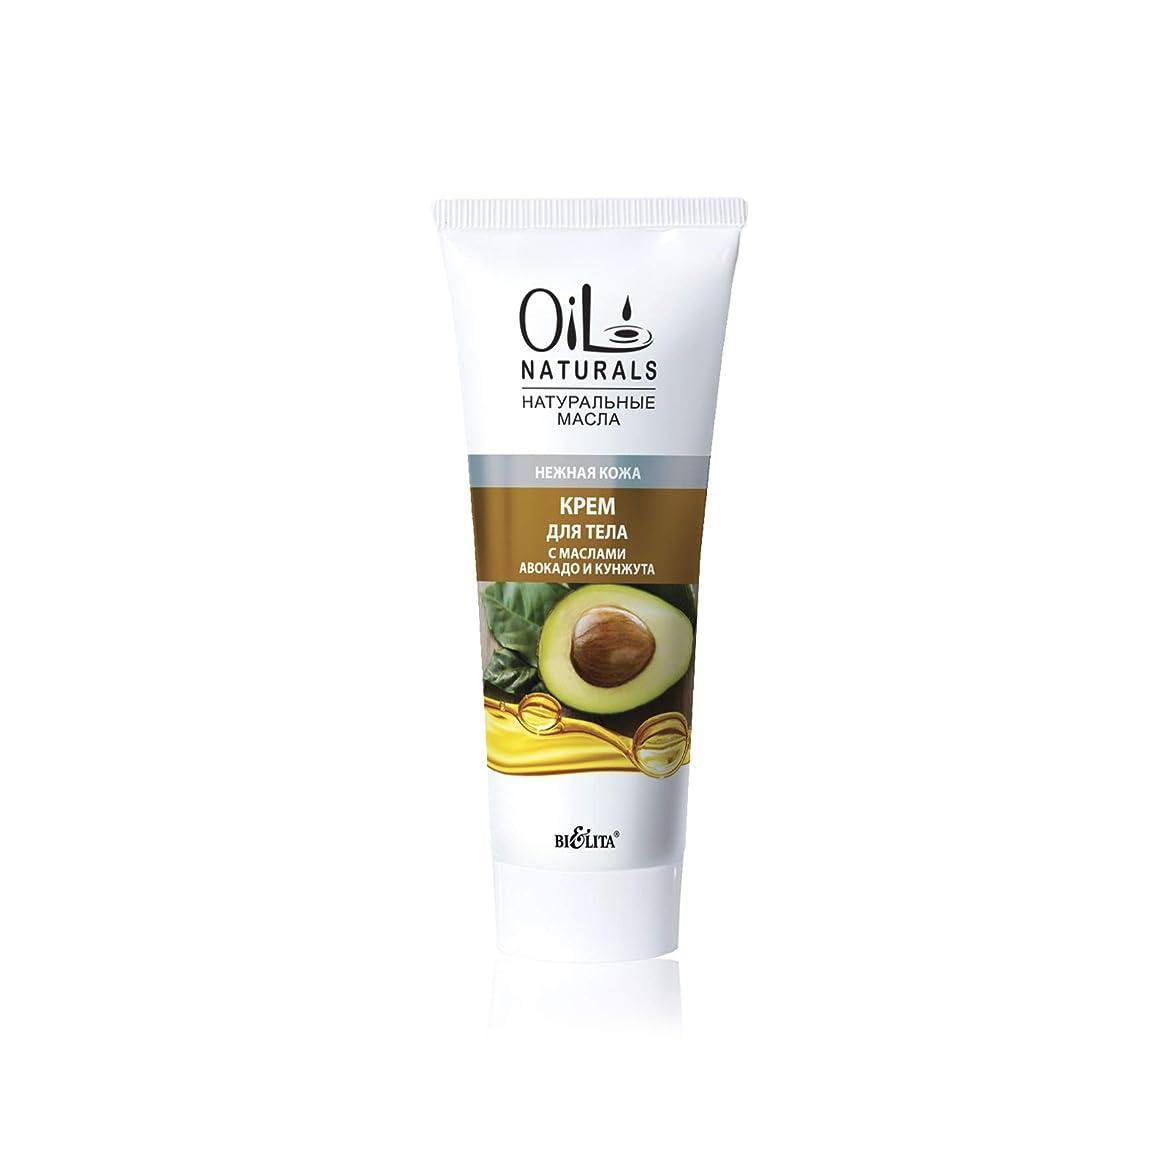 木曜日害宣伝Bielita & Vitex | Oil Naturals Line | Moisturizing Body Cream for Delicate Skin, 200 ml | Avocado Oil, Silk Proteins, Sesame Oil, Vitamins